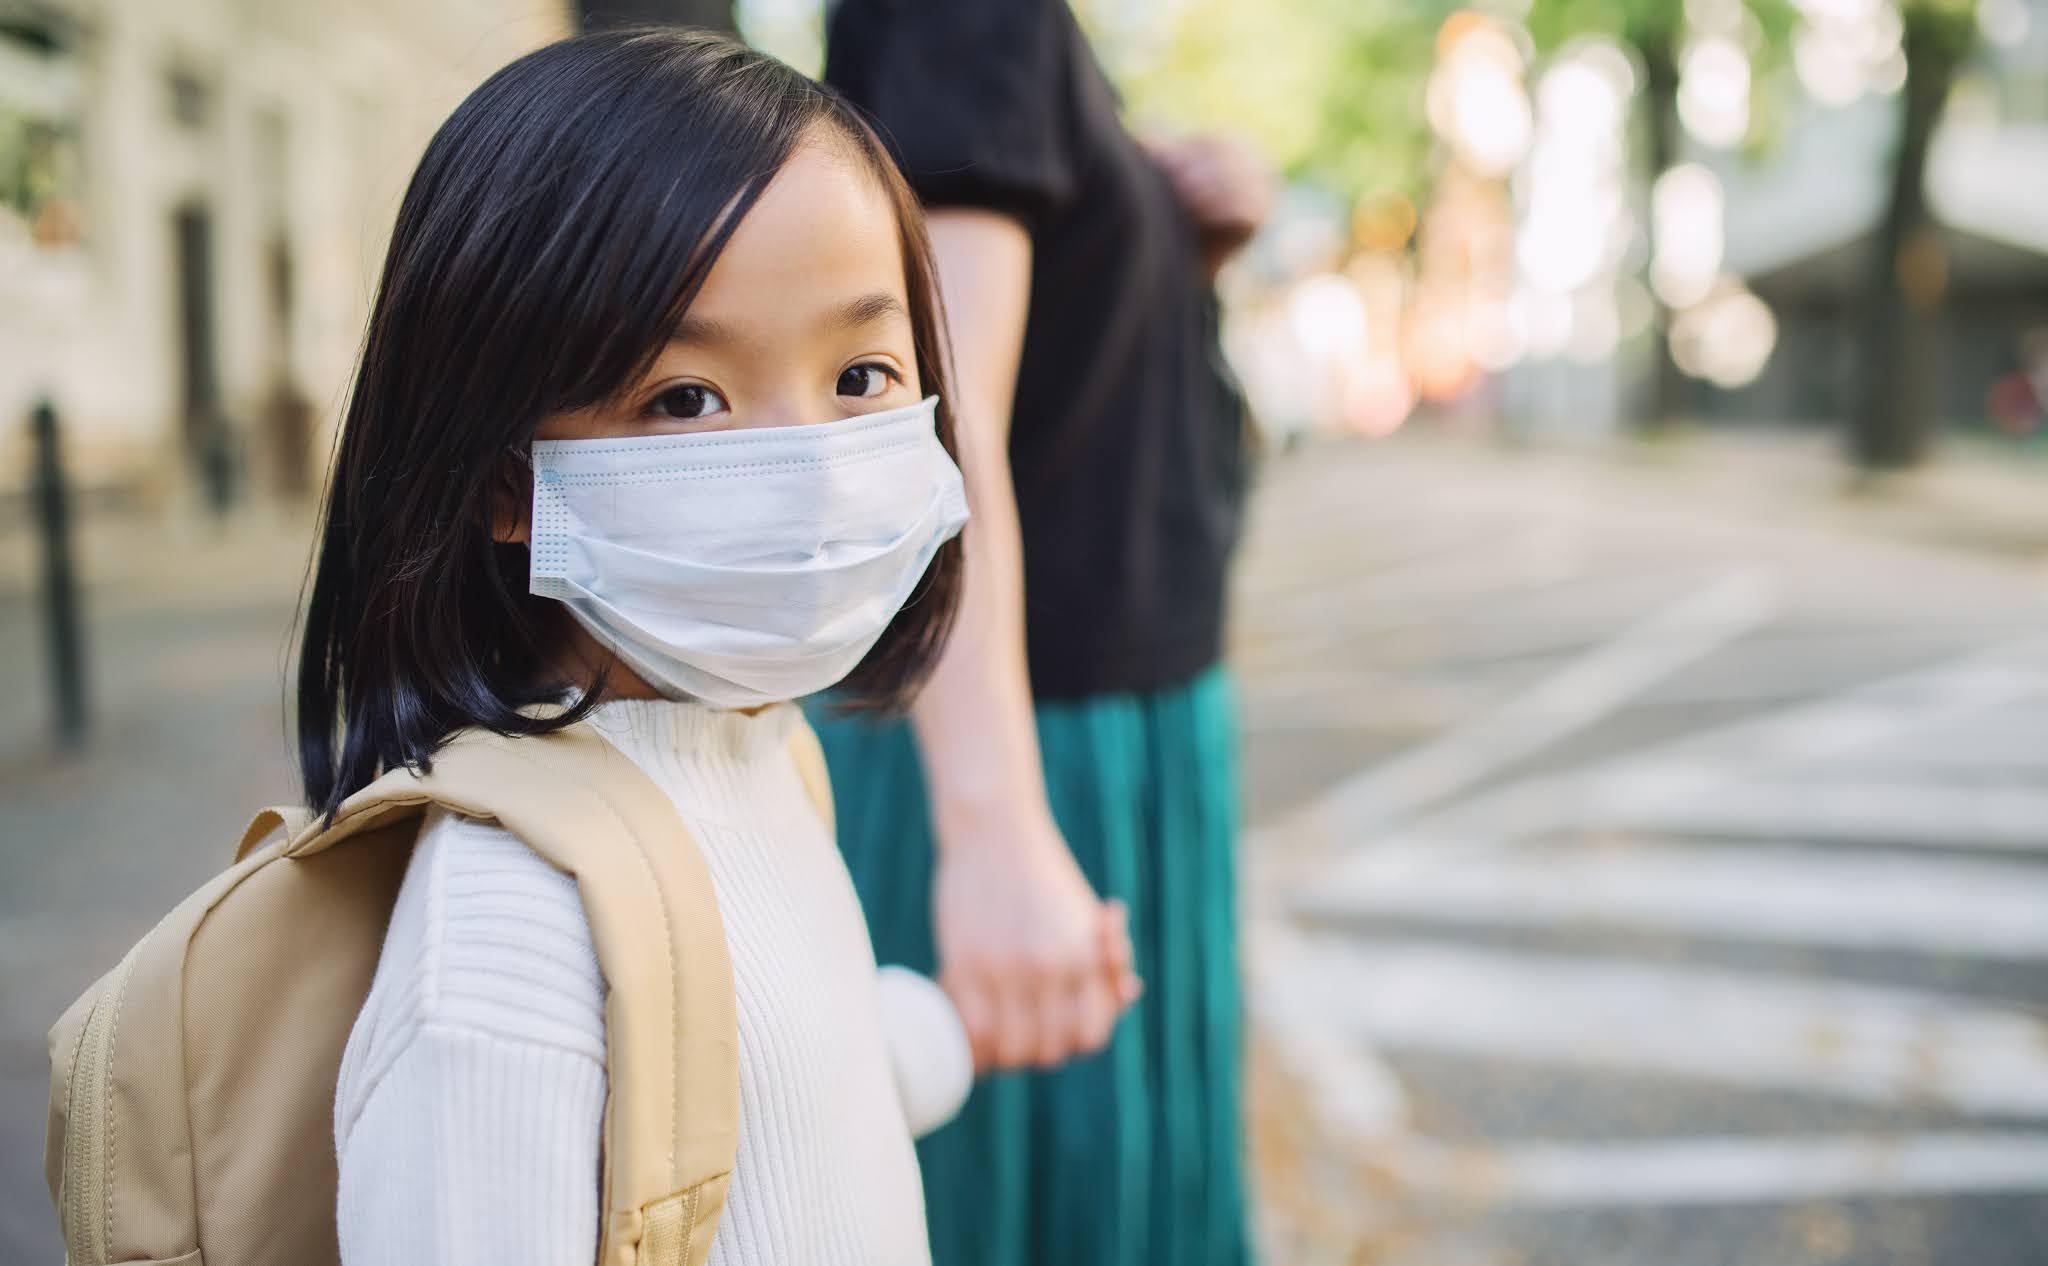 اليابان توسع حالة الطوارئ في ظل موجة كورونا الجديدة